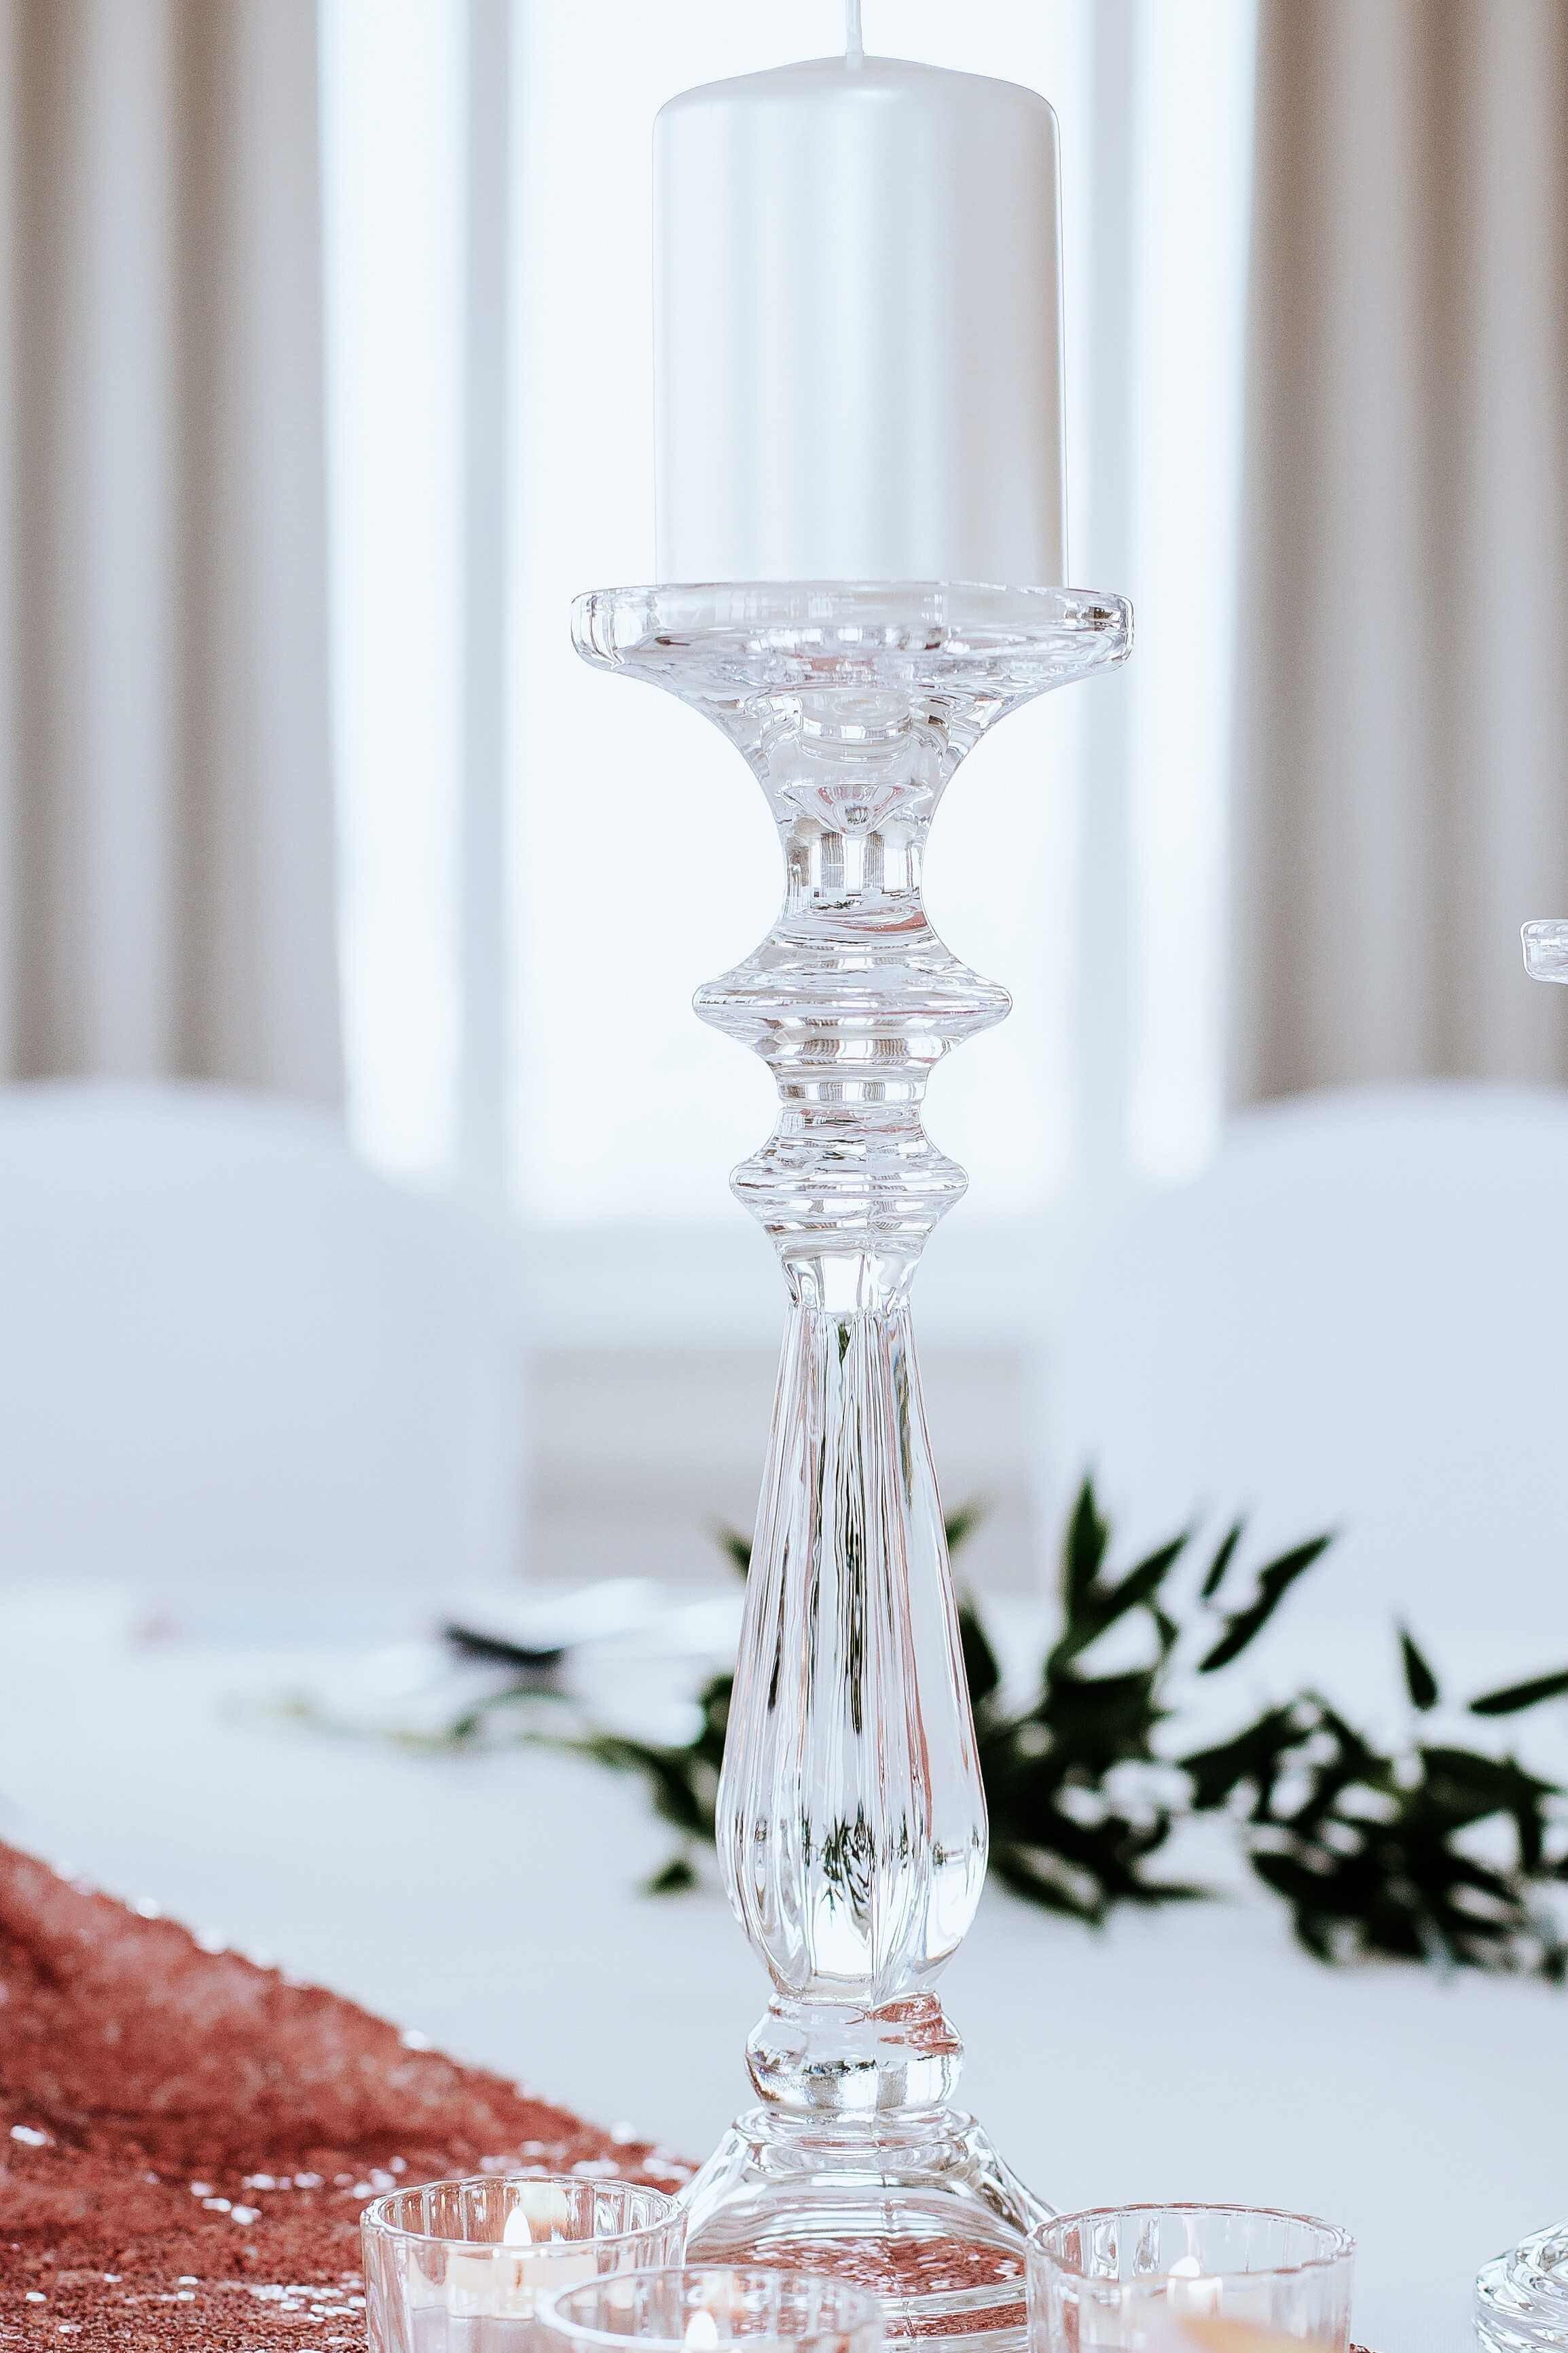 Kryształowy świecznik wysoki